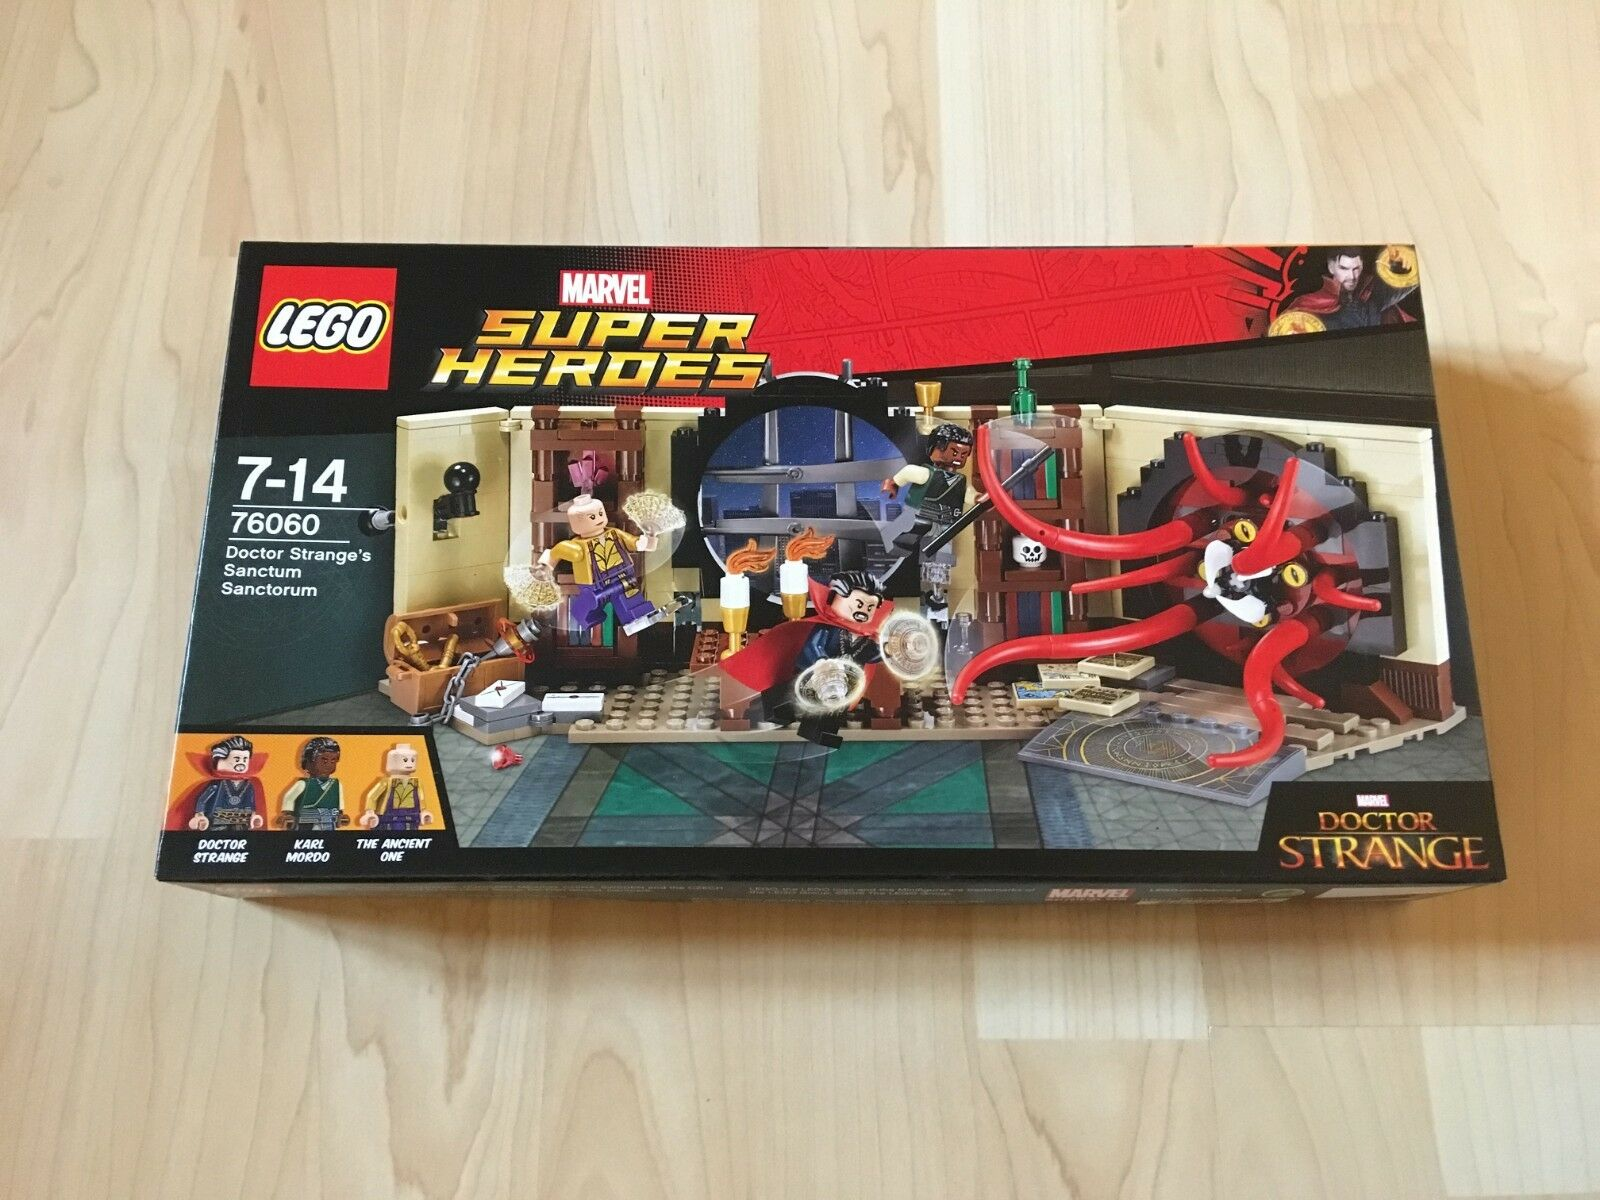 Lego 76060 Doctor Strange's Sanctum - NEW